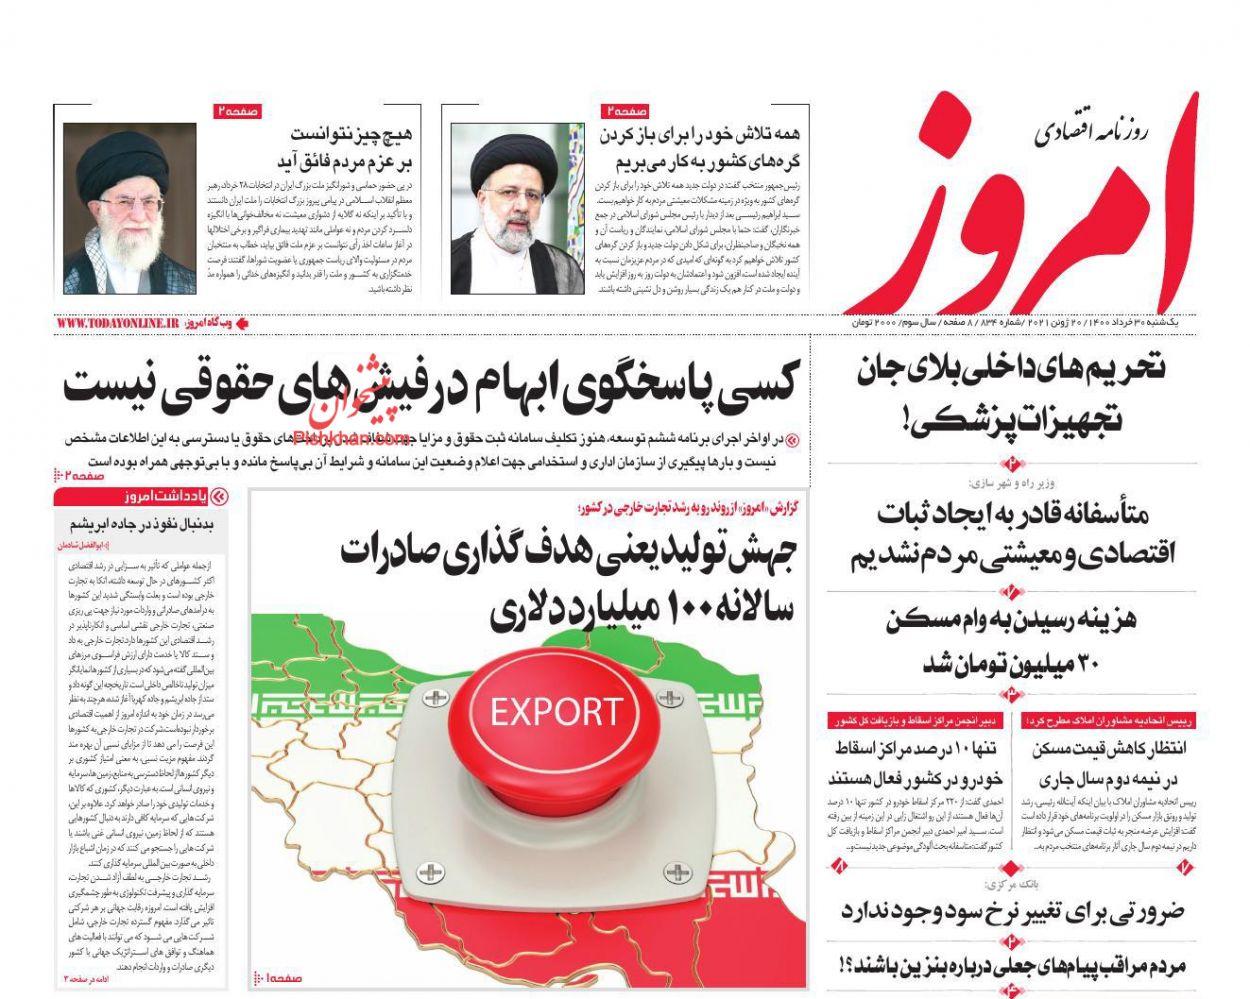 عناوین اخبار روزنامه امروز در روز یکشنبه ۳۰ خرداد